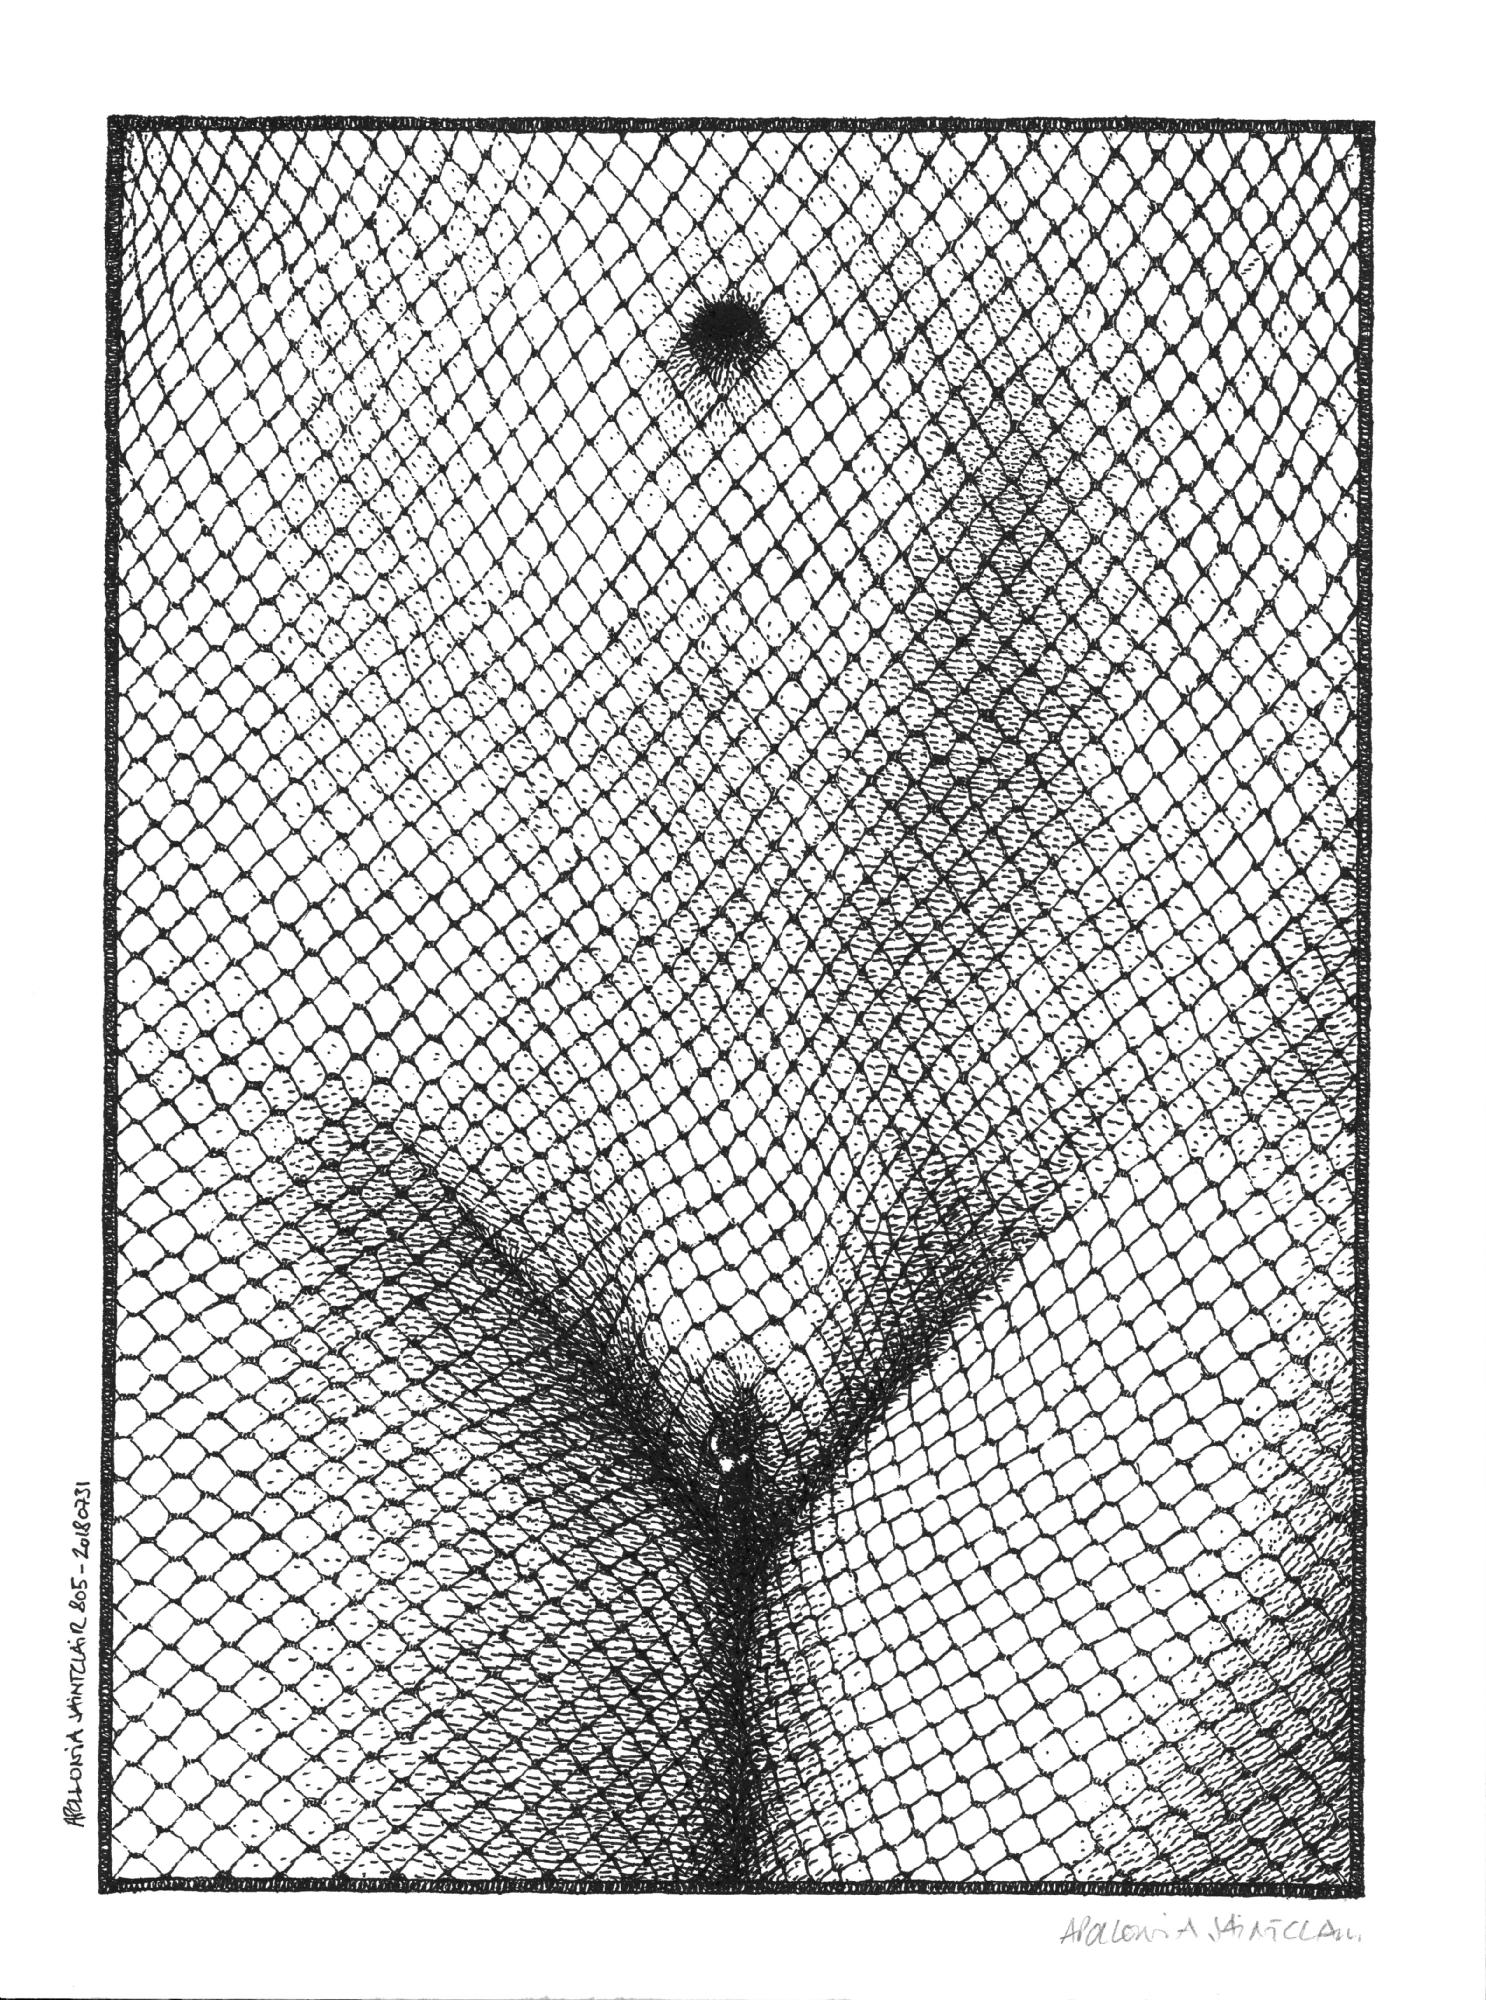 Αποτέλεσμα εικόνας για apollonia saintclair